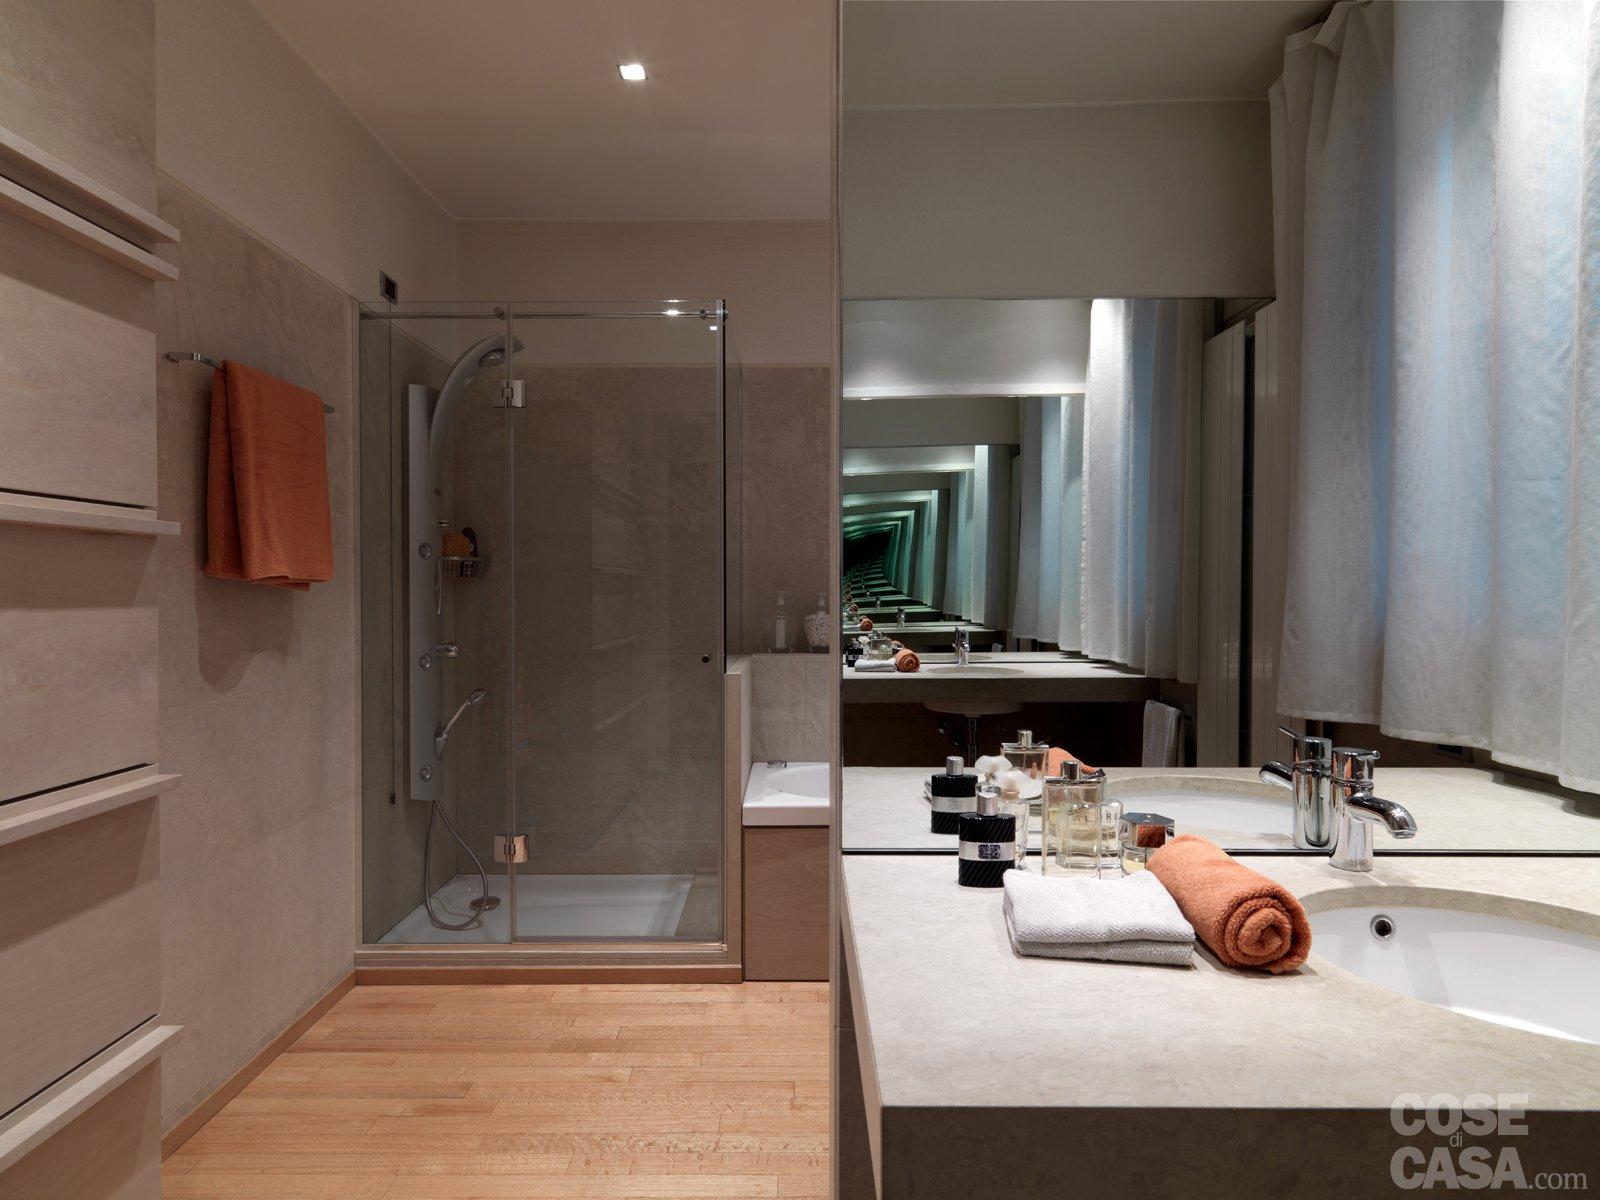 esempi di bagni arredati. idee mixumatch cui ispirarsi per creare ... - Foto Bagni Moderni Arredati